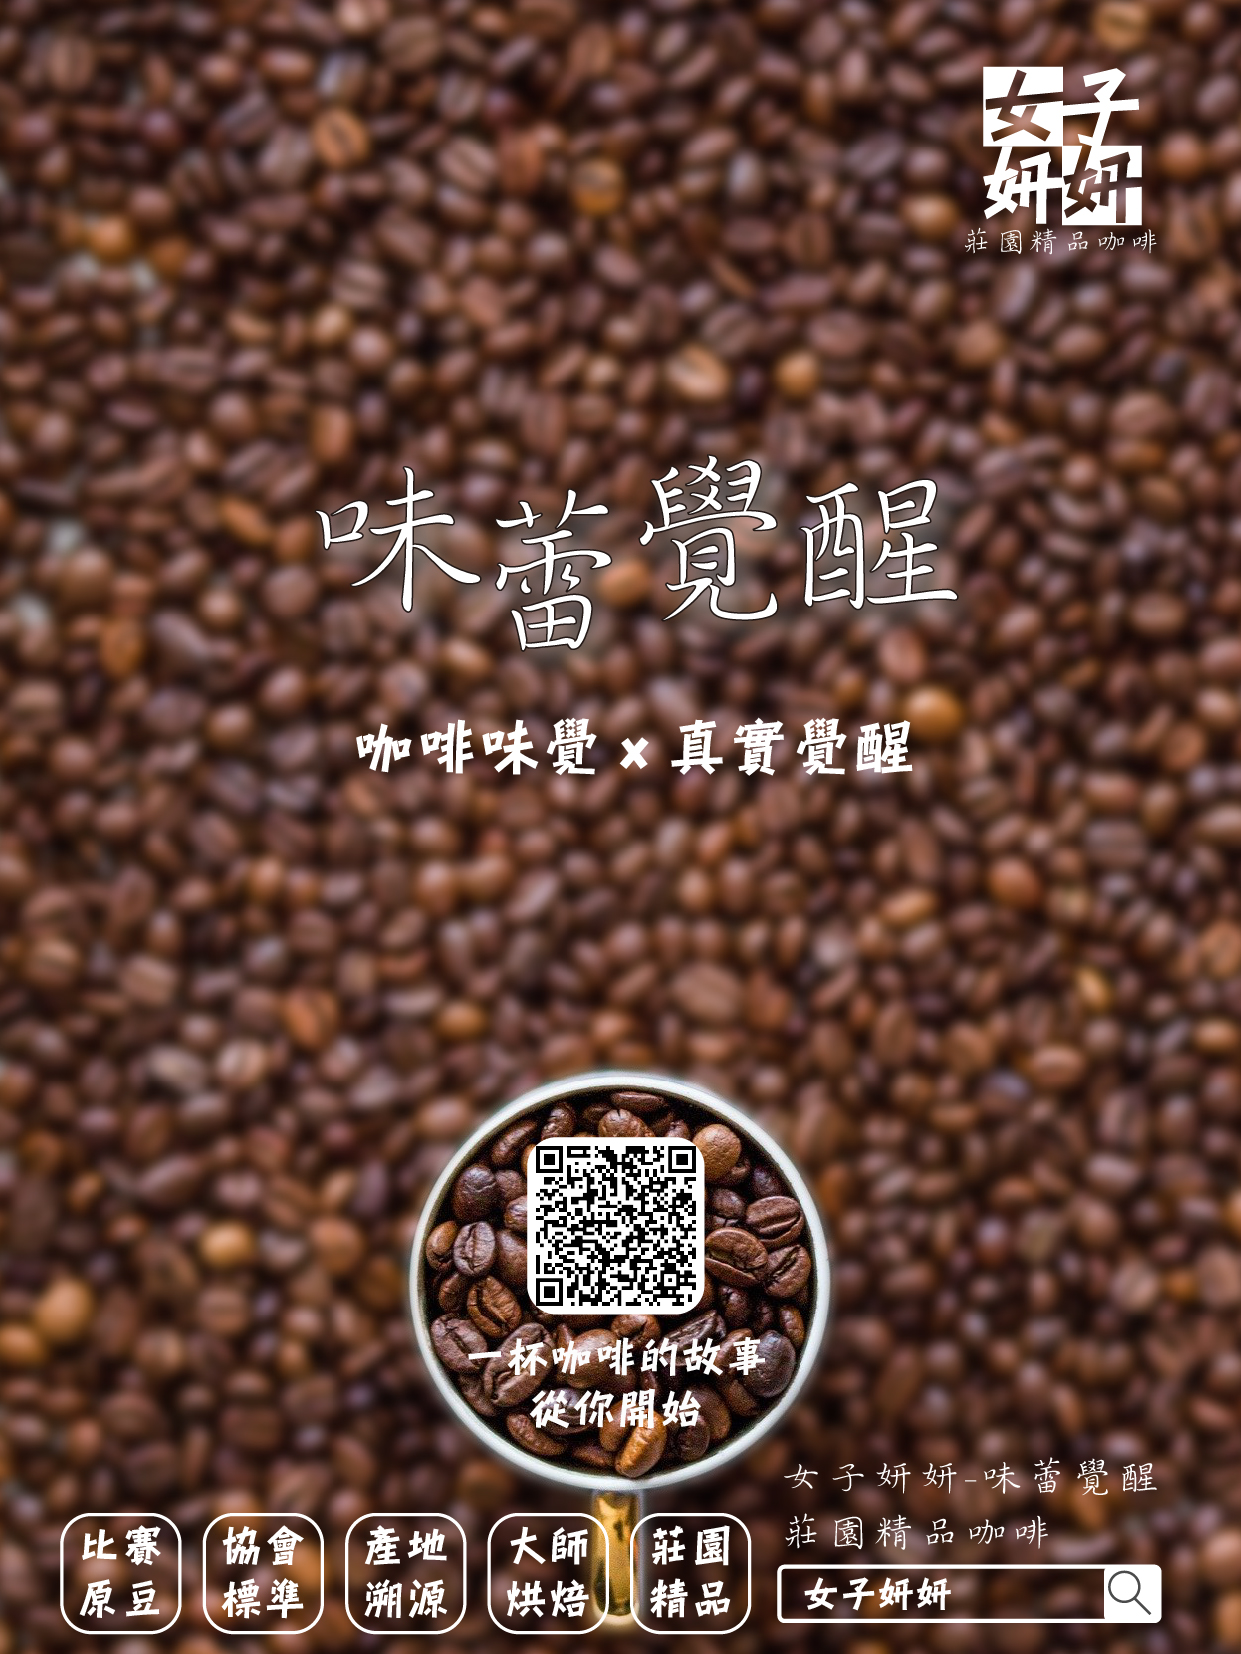 那一味咖啡【相戀】特選耶加雪菲精品咖啡-6入/盒